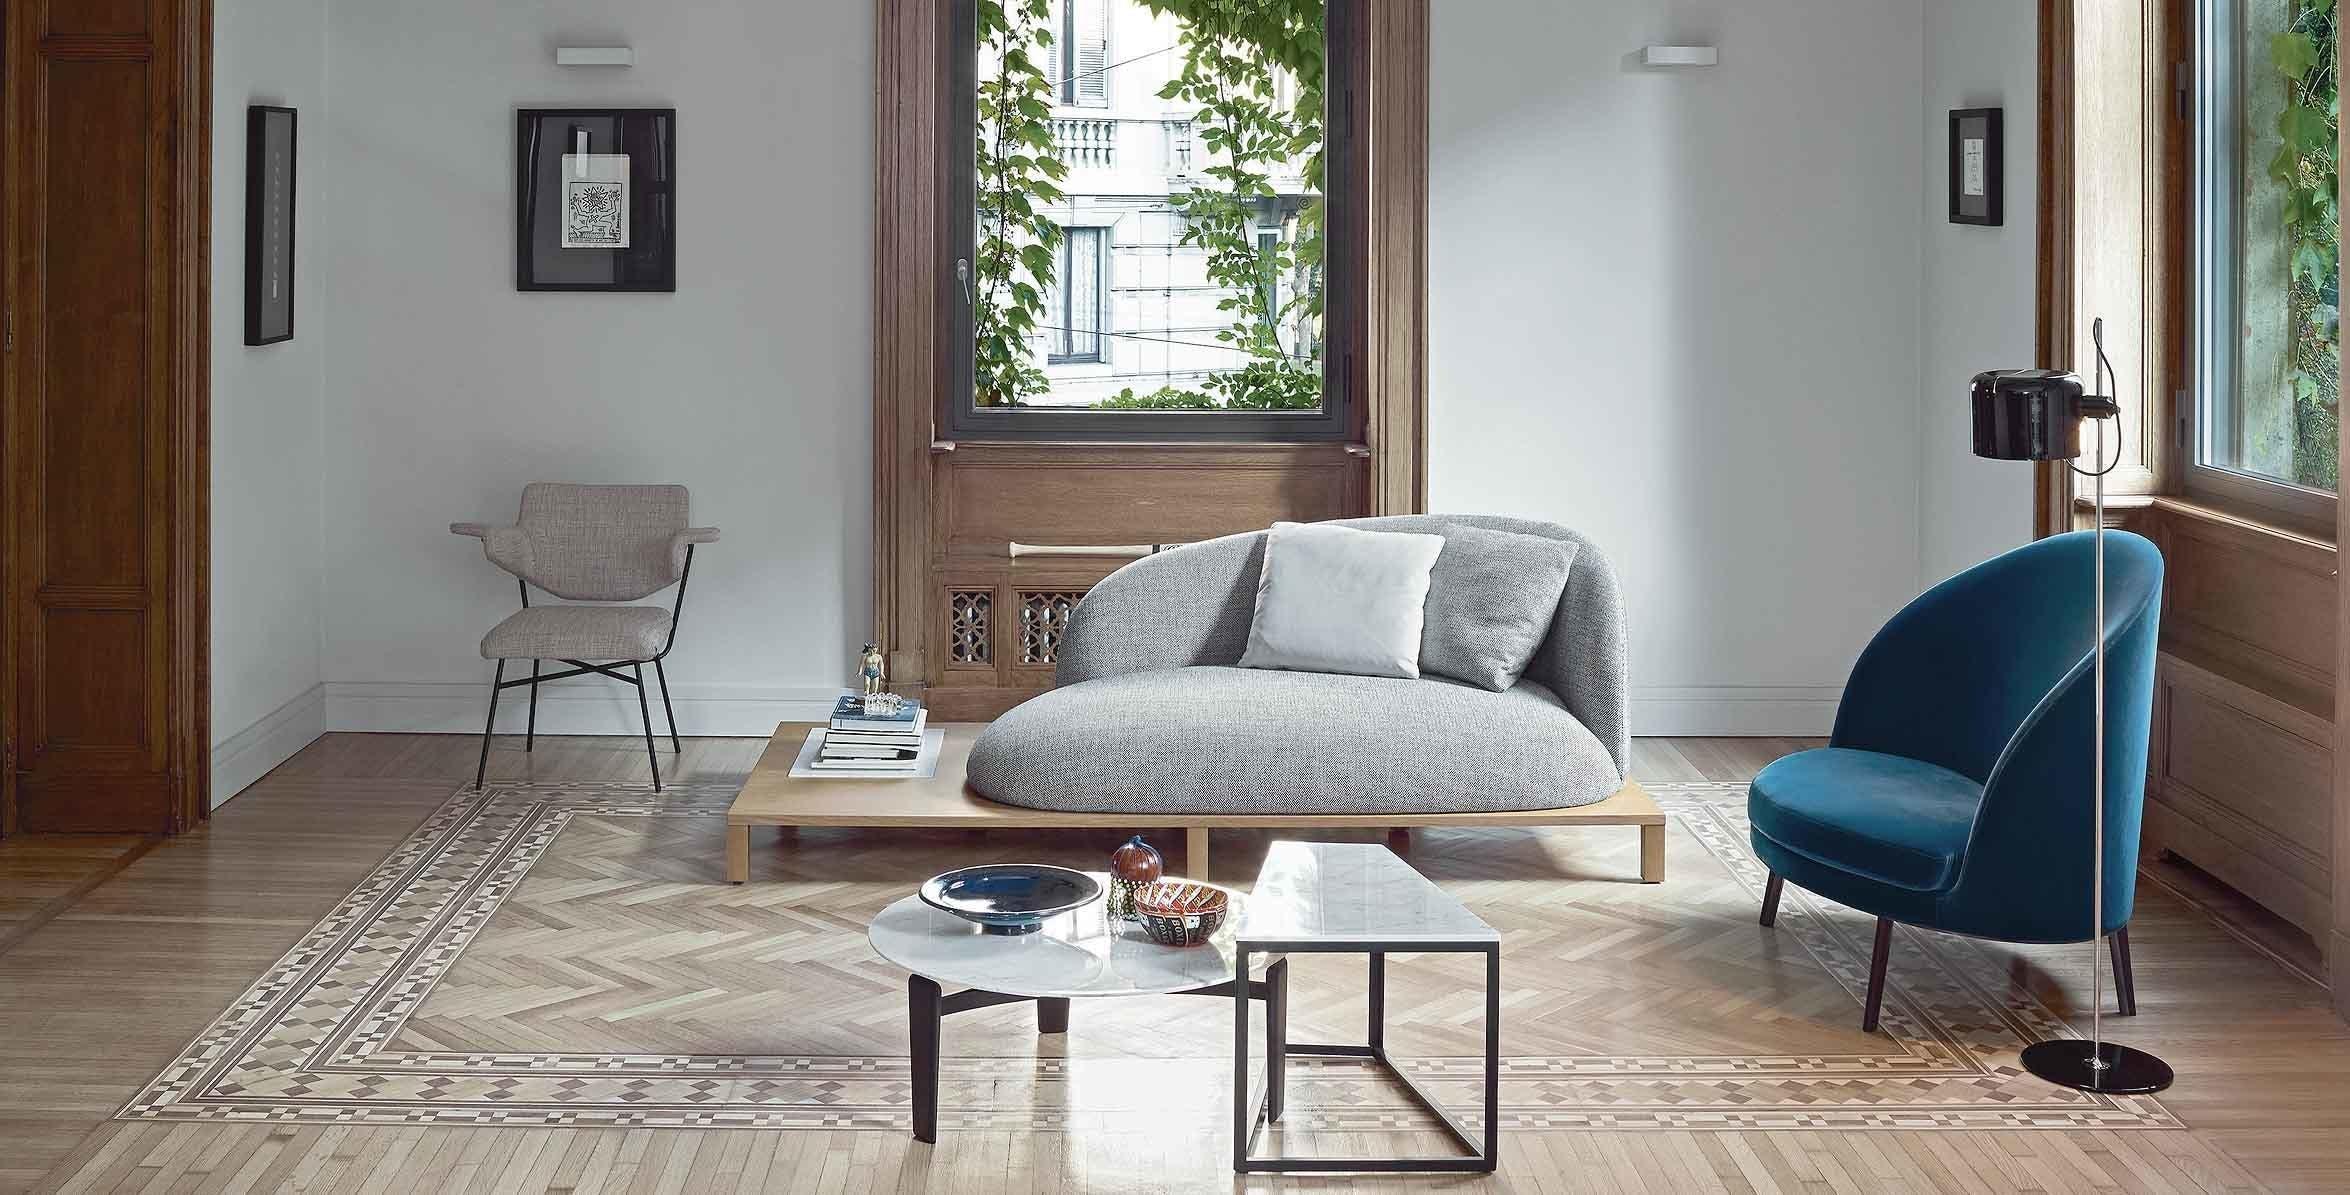 Arflex Modern Italian Furniture